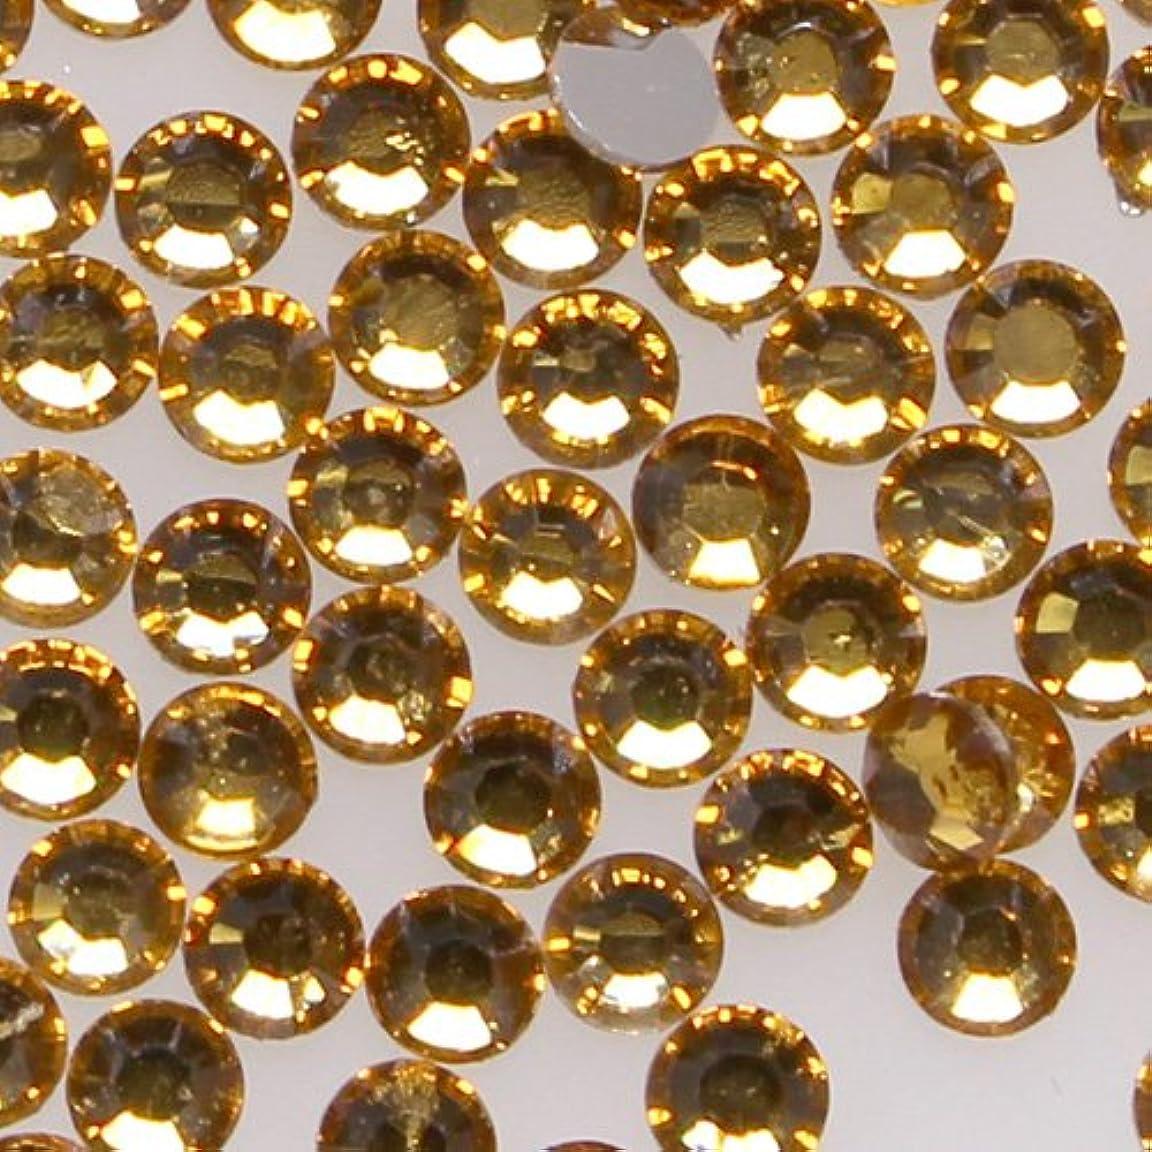 南極医薬部分高品質 アクリルストーン ラインストーン ラウンドフラット 約1000粒入り 4mm トパーズ